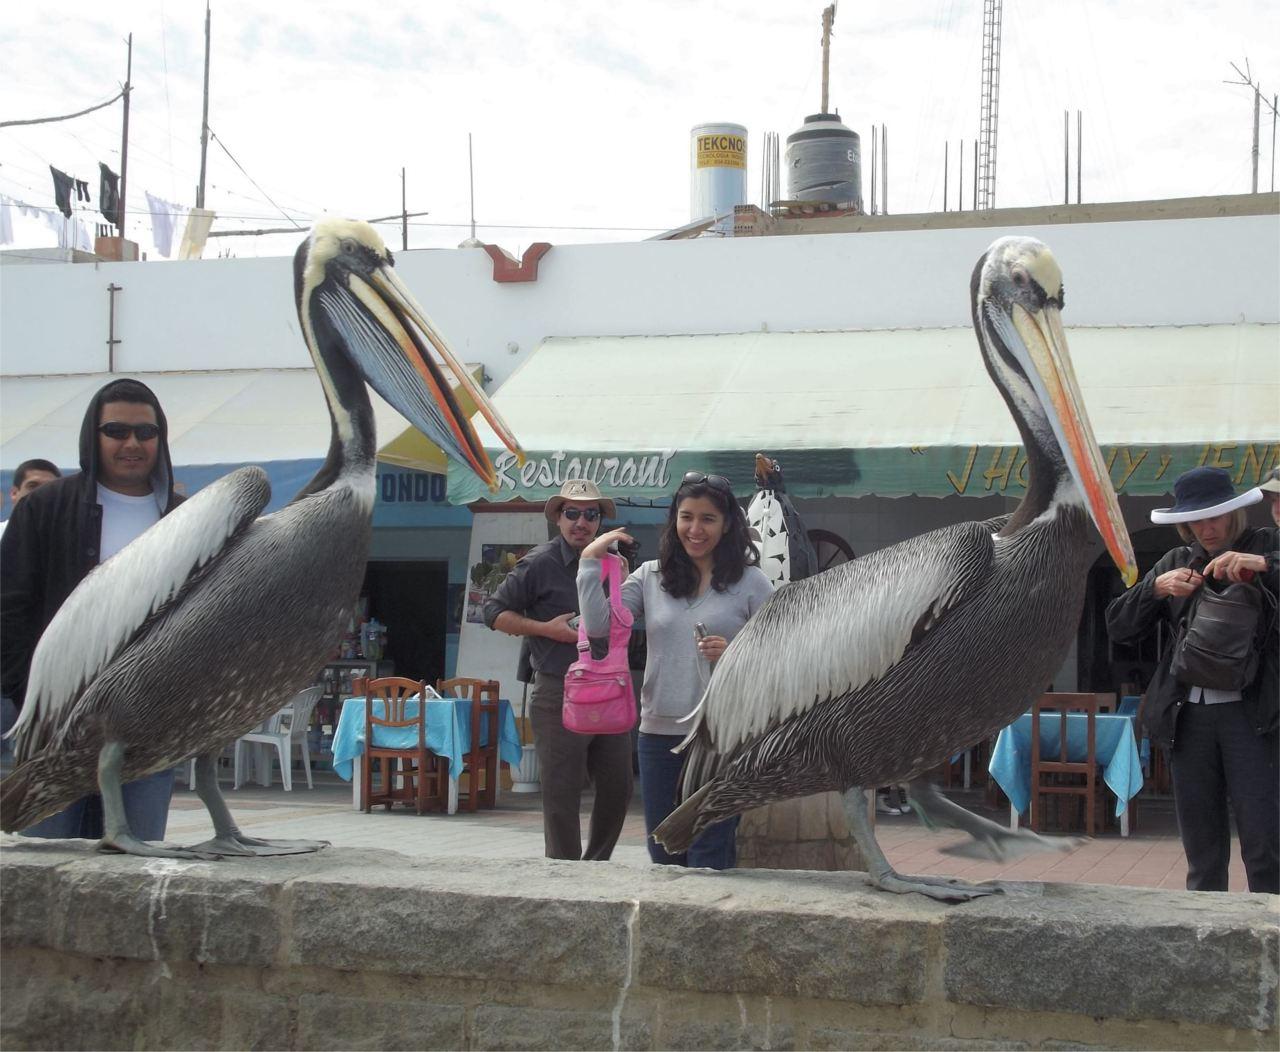 Pelikanshow für Touristen Peru Ballestas